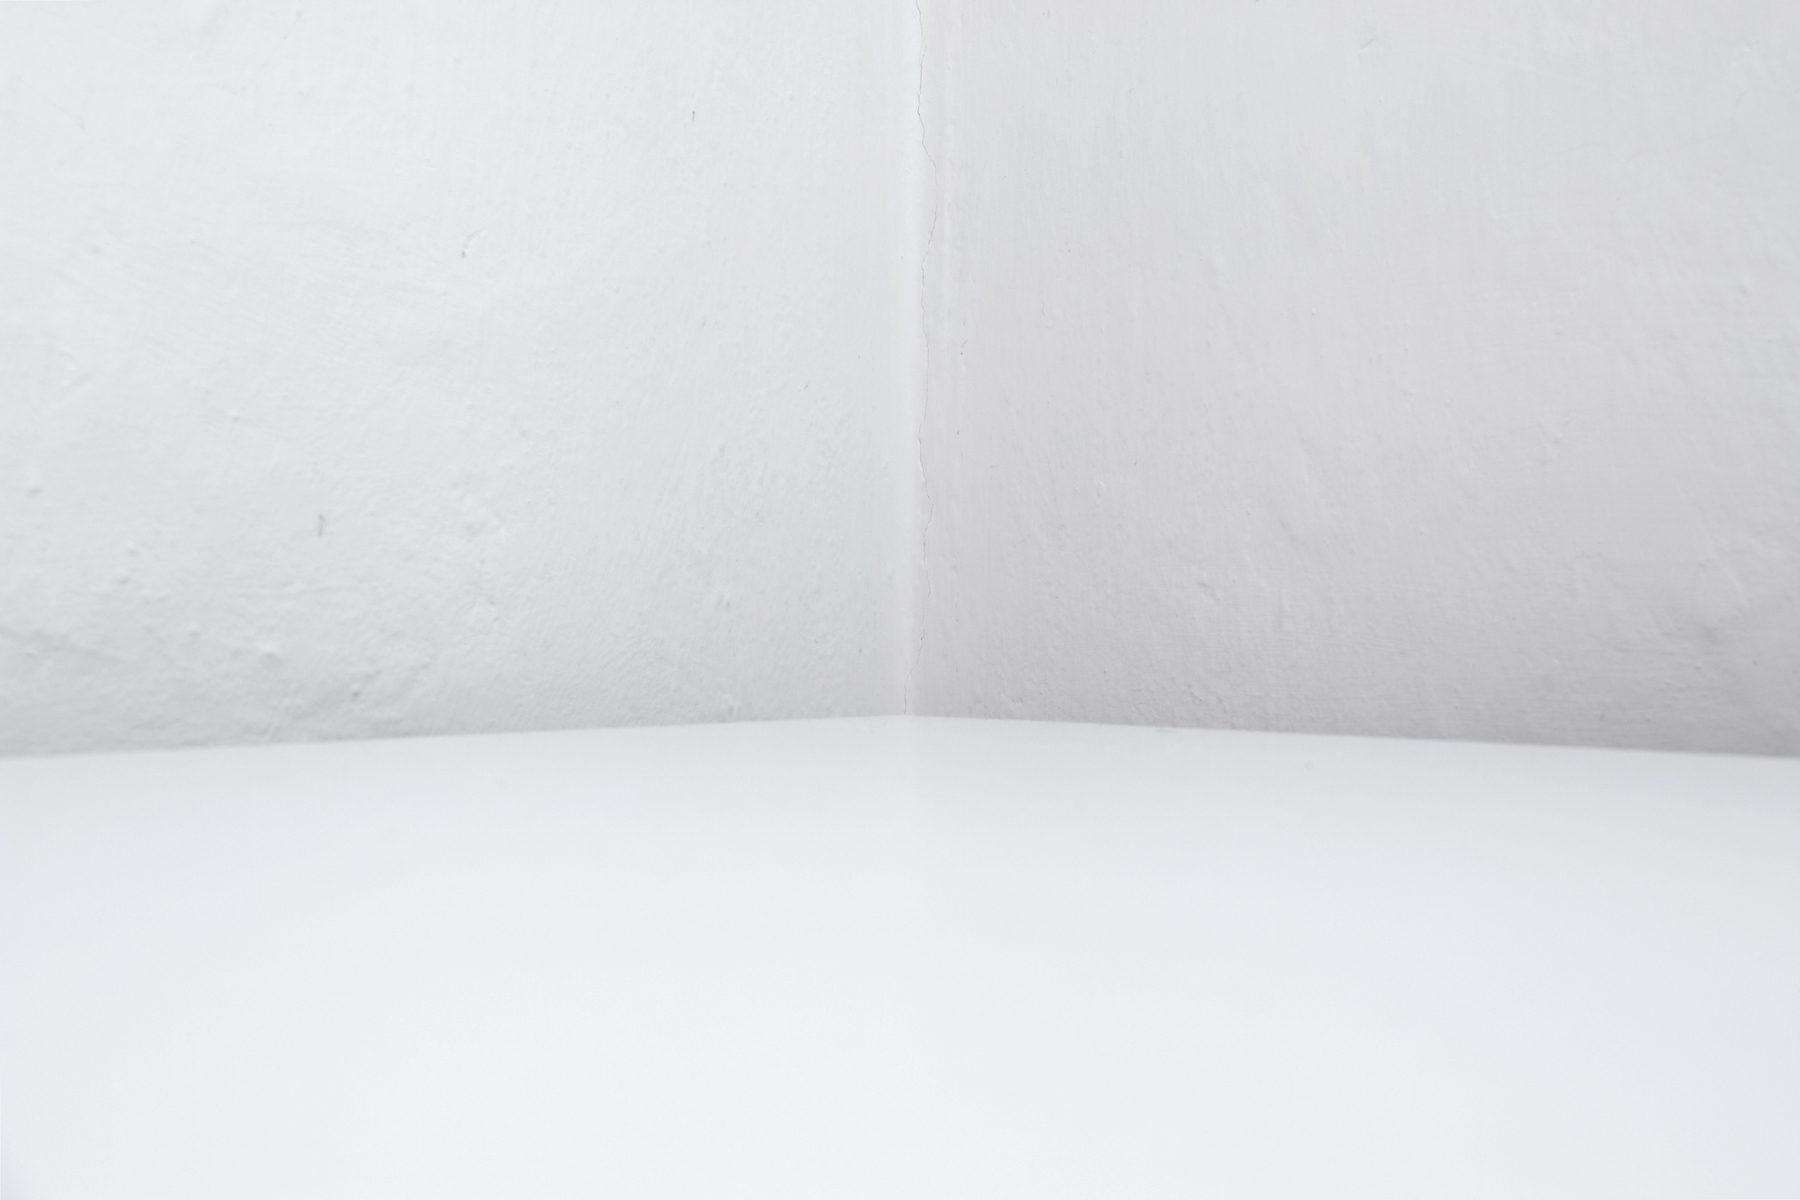 02.-Michele-Spanghero-Exhibition-Rooms-Asolo-2014-stampa-inkjet-fineart-su-dibond-100-x-67-cm